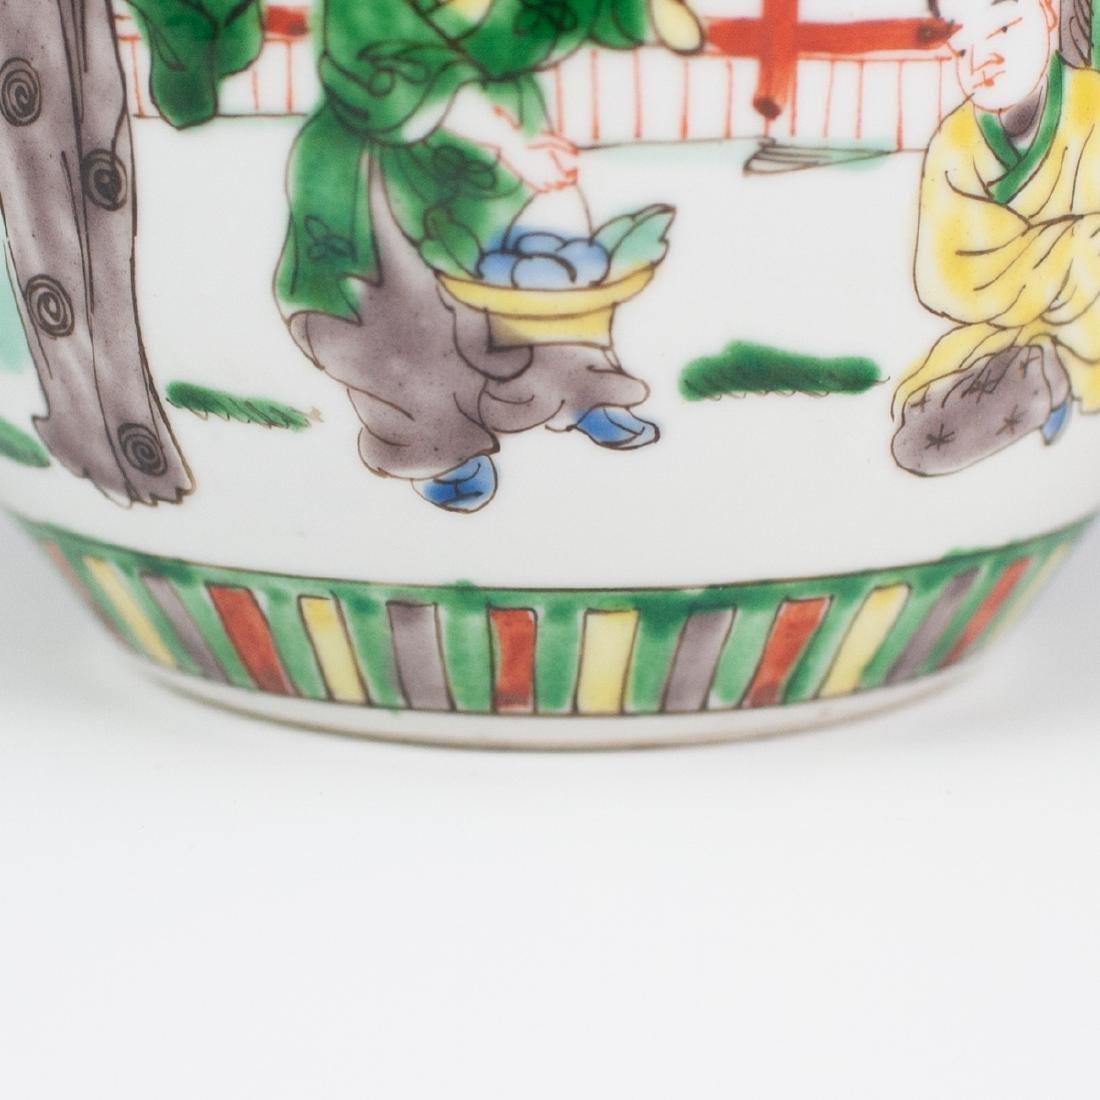 Chinese Porcelain Famille Verte Ginger Jar - 6